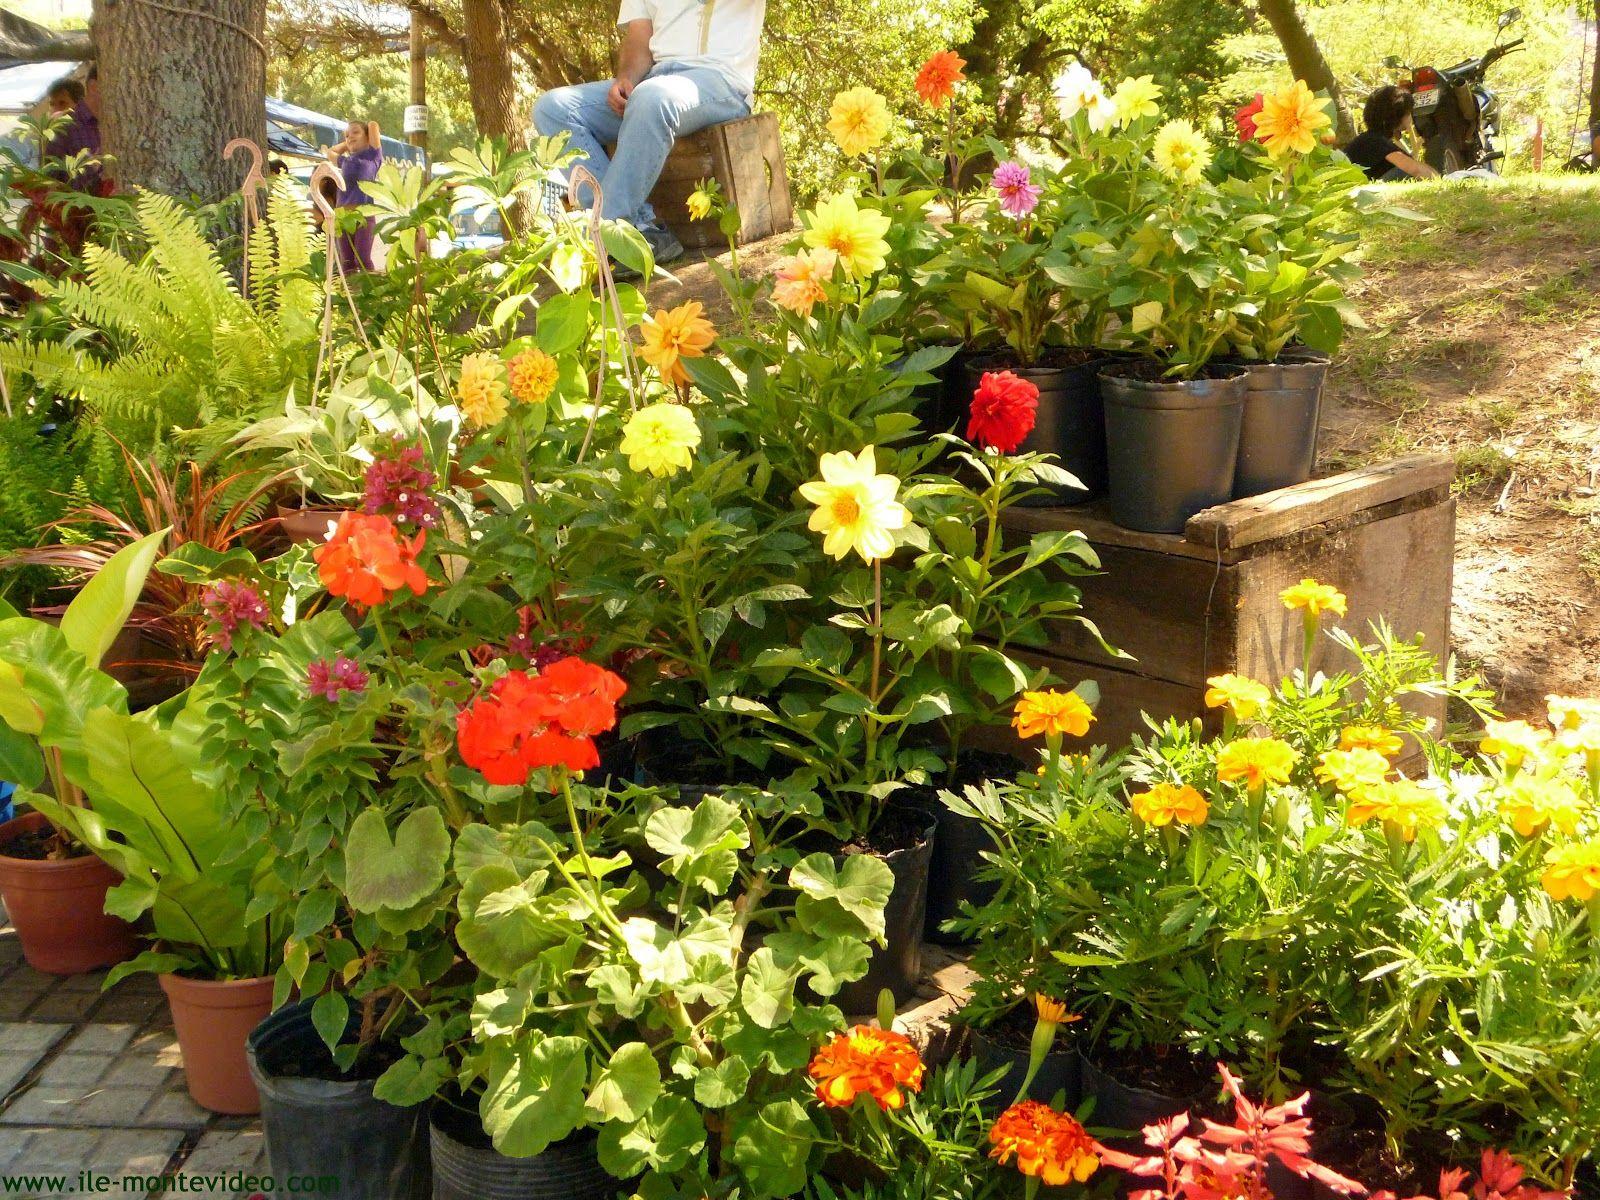 Como dise ar el jard n con macetas de diferentes formas for Disenar jardines